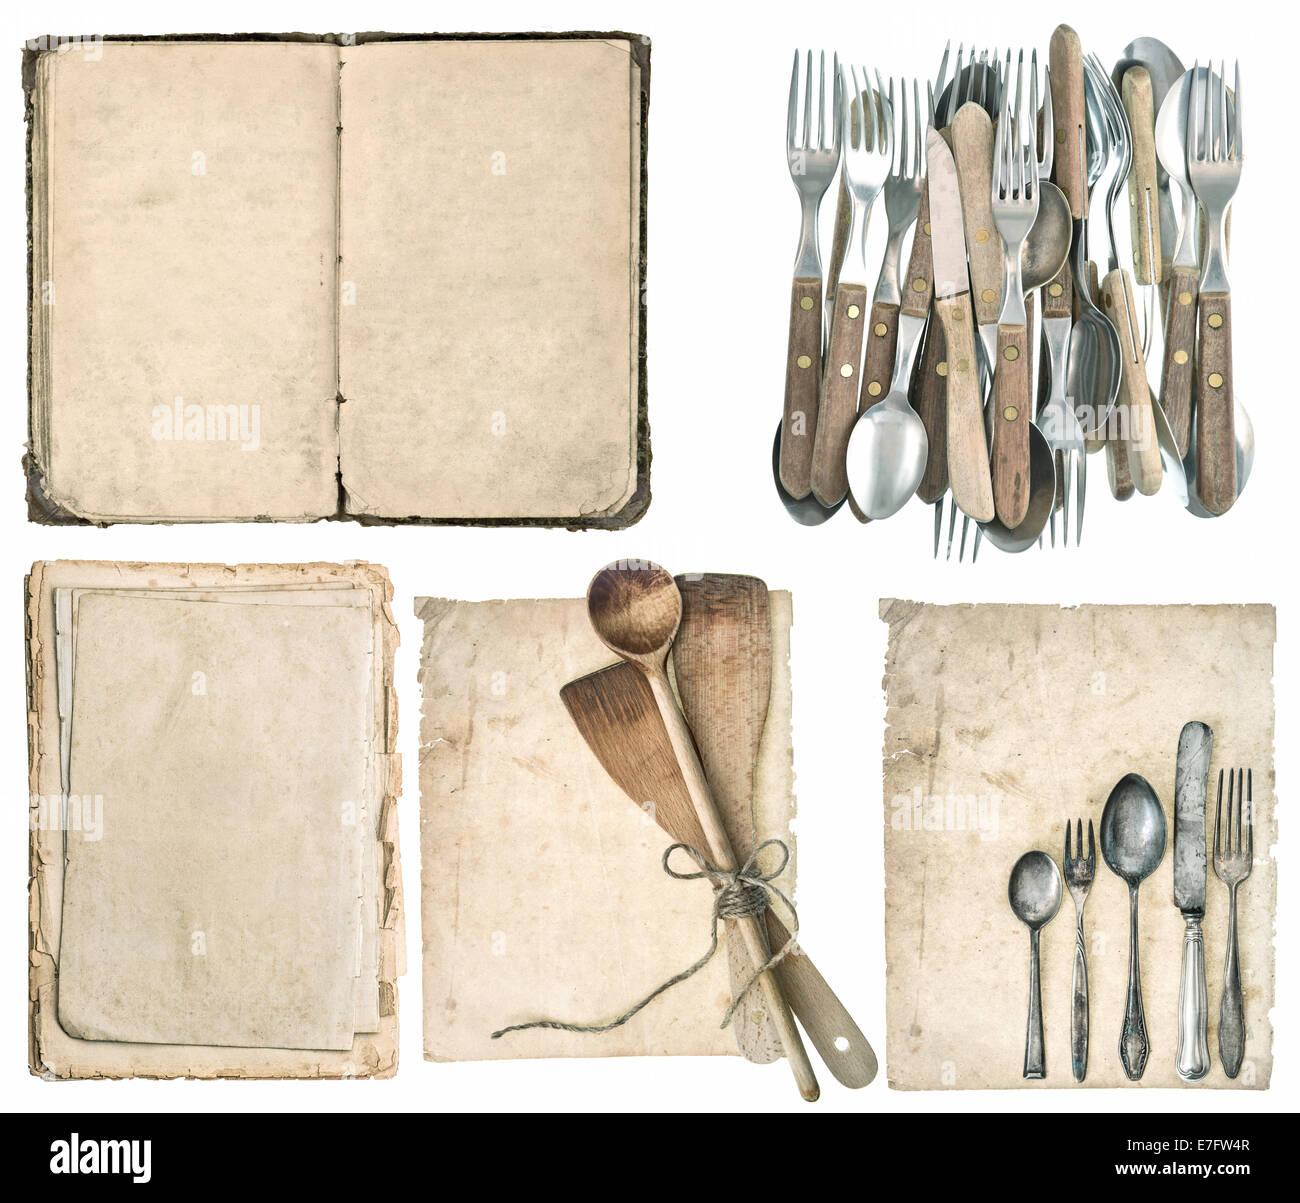 Des Ustensiles De Cuisine Anciens Couverts En Argent Et L